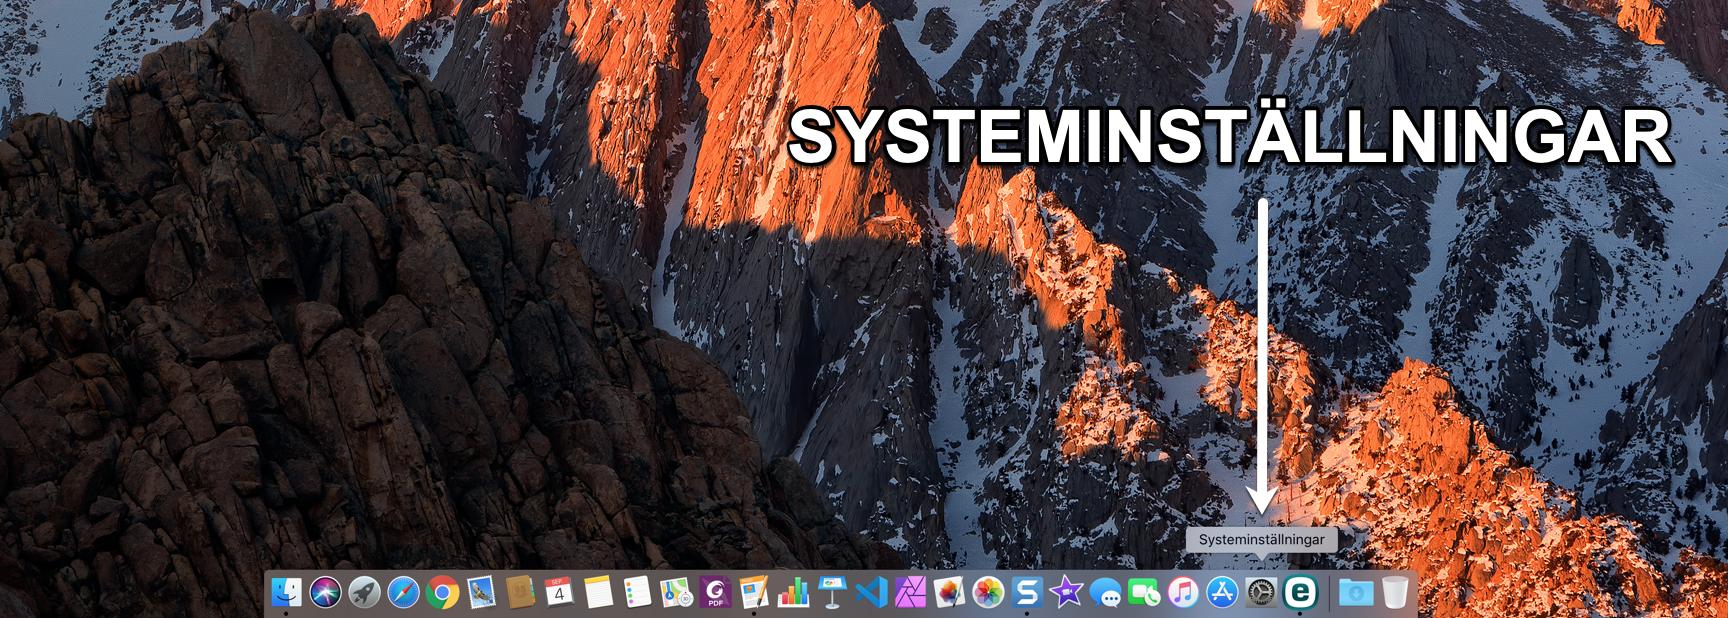 Hitta Systeminställningar i Mac Dock.